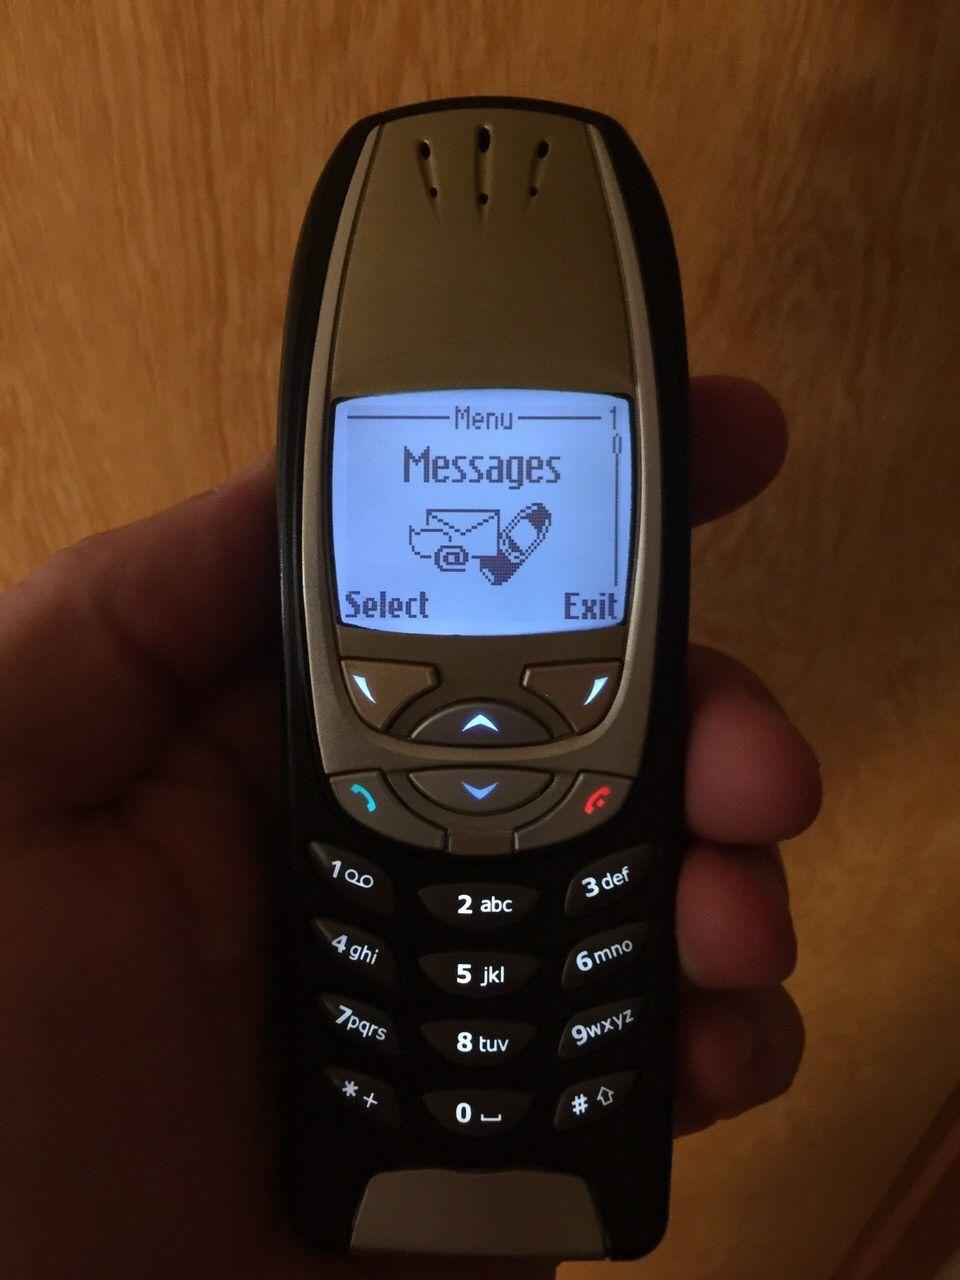 Nokia 6310i ,3 batteri ,blå lys - Fevik  - Nokia 6310i med nydelig blå lys  3stk batteri  Har liten sprekk på skjermen som kan ses på bilde . Nokia er ulåst  Ring eller SMS 96851655 Pris 1100kr - Fevik